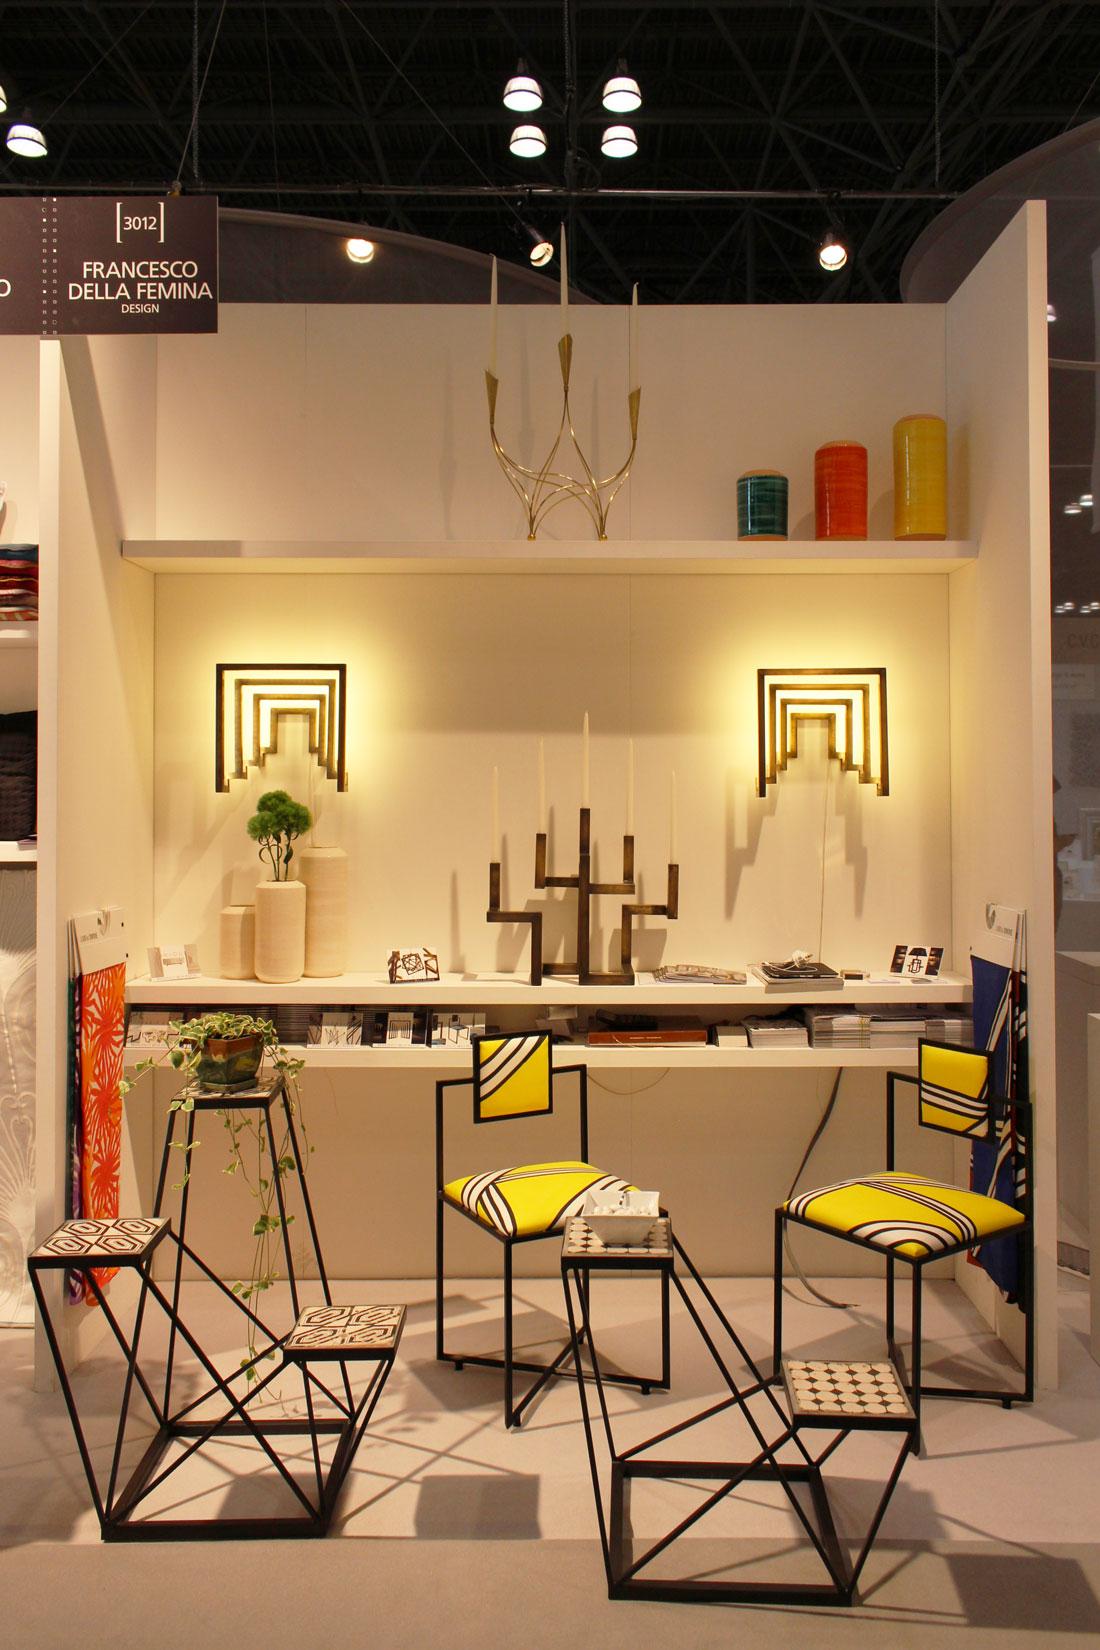 Maison objet september 2015 fdf design for Objet maison design